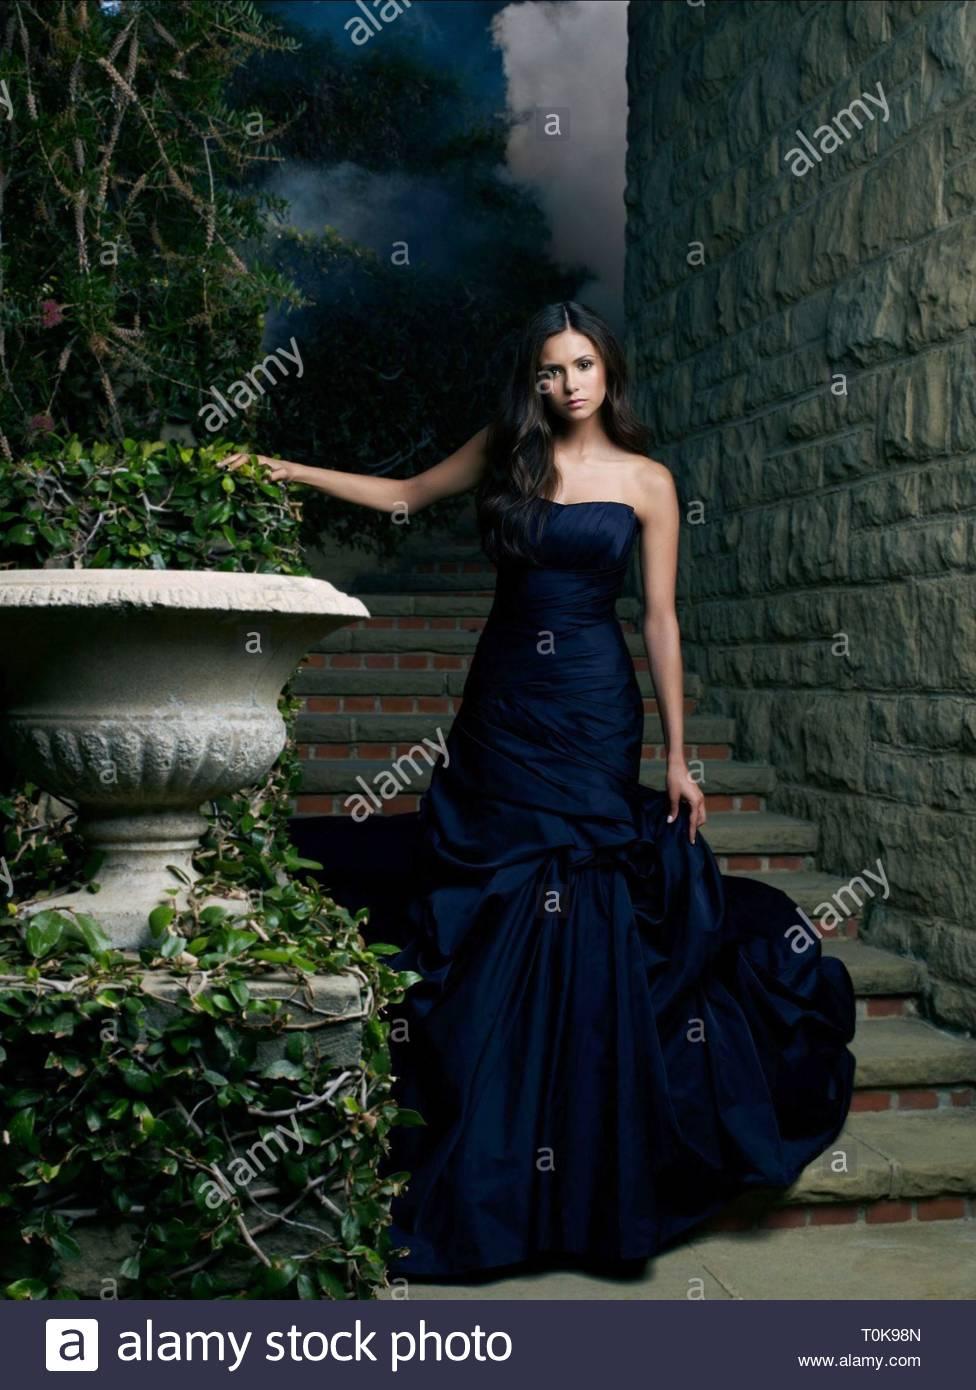 NINA DOBREV, THE VAMPIRE DIARIES : SEASON 1, 2009 - Stock Image